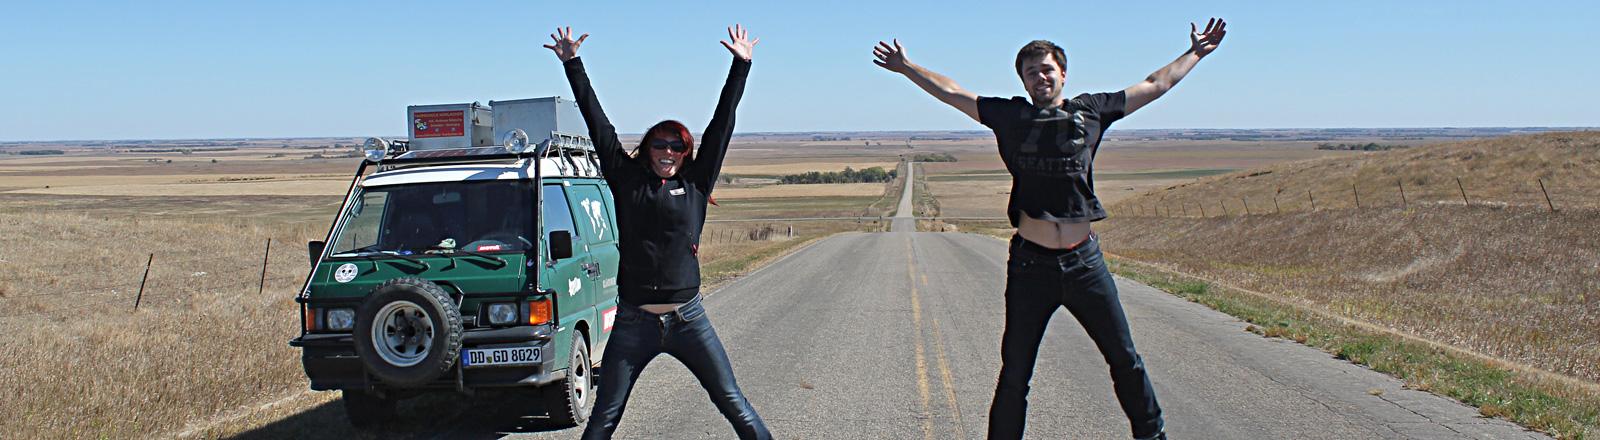 Kathi und Martin Zech stehen auf einer Straße und springen in die Luft. Hinter ihnen steht ihr grüner Kleinbus.